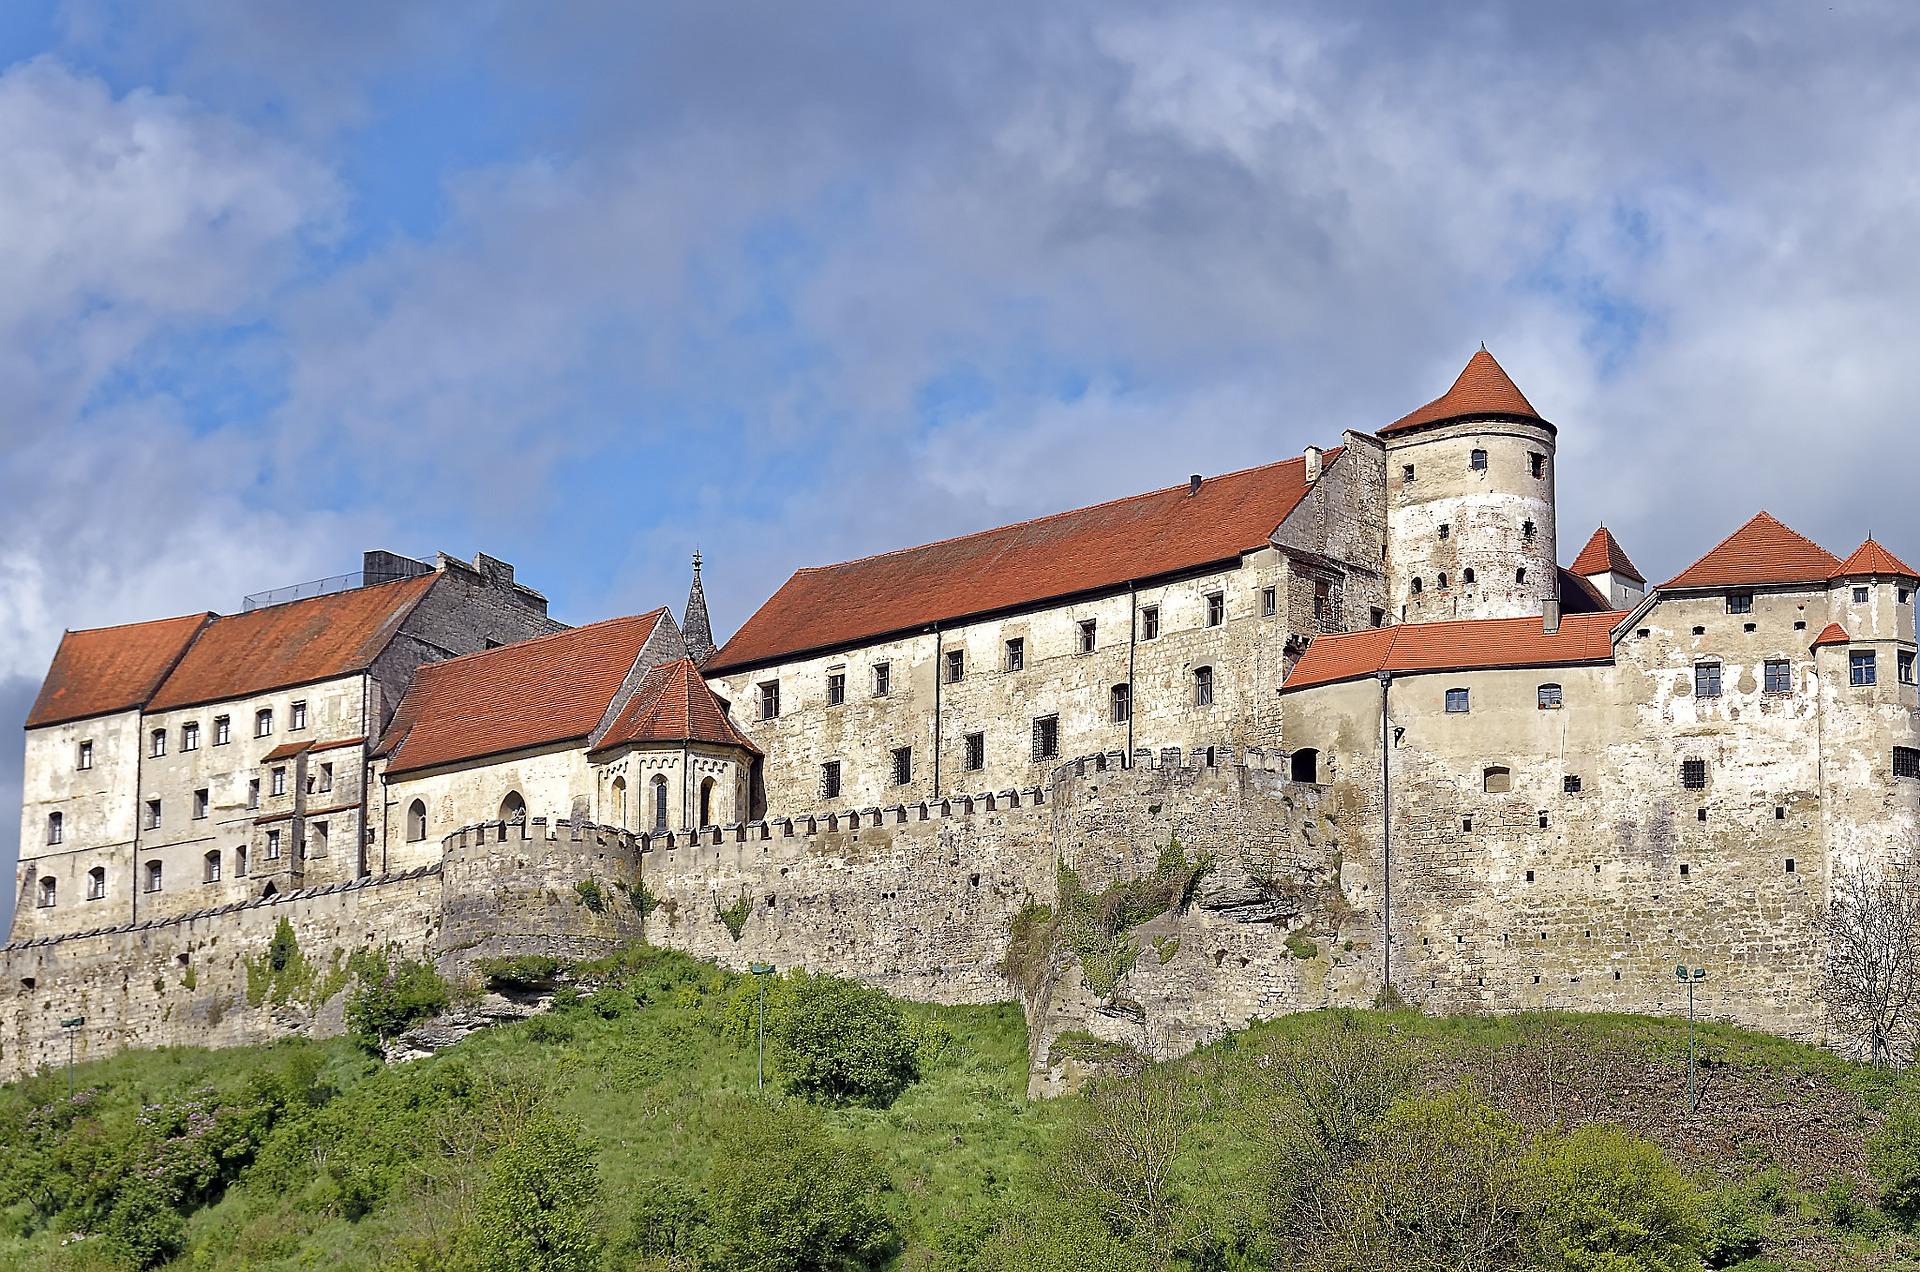 burghausen-chateau-baviere.jpg?1543154301